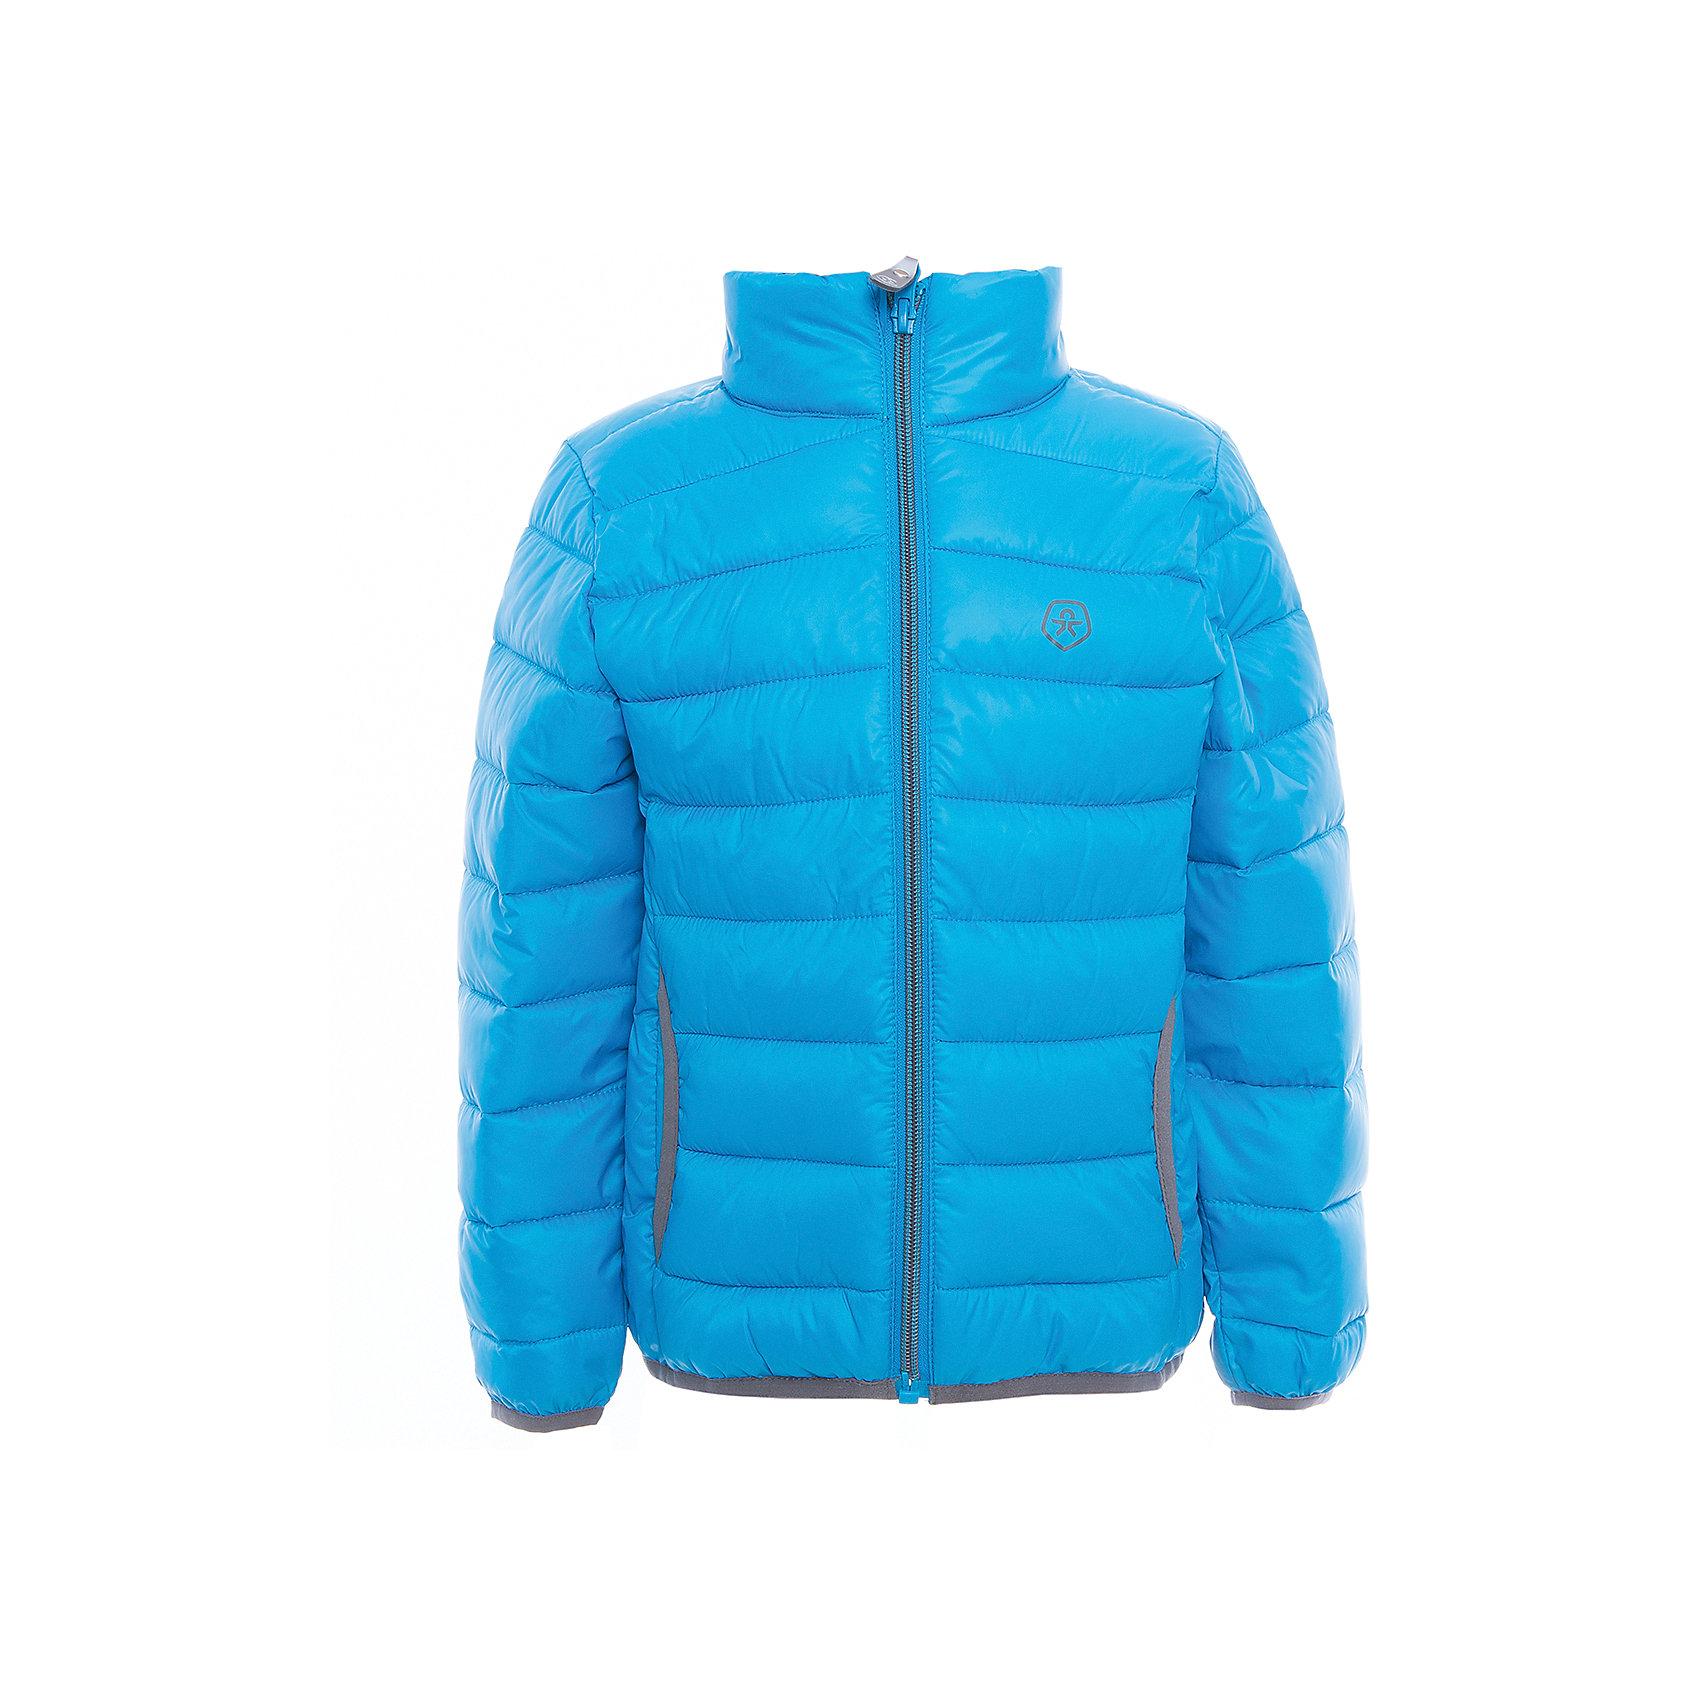 Куртка  Color KidsВерхняя одежда<br>Характеристики товара:<br><br>• цвет: голубой<br>• состав: 100 % полиэстер<br>• подкладка: 100 % полиэстер<br>• утеплитель: 160г/м синтепон<br>• температурный режим: от -5° С до +10°С<br>• светоотражающие детали<br>• застежка: молния<br>• защита подбородка<br>• два кармана<br>• логотип<br>• комфортная посадка<br>• страна бренда: Дания<br><br>Эта симпатичная и удобная куртка отлично подойдет для ношения в межсезонье. Она комфортно сидит и обеспечивает ребенку необходимое удобство. Очень стильно смотрится.<br><br>Куртку от датского бренда Color Kids (Колор кидз) можно купить в нашем интернет-магазине.<br><br>Ширина мм: 356<br>Глубина мм: 10<br>Высота мм: 245<br>Вес г: 519<br>Цвет: голубой<br>Возраст от месяцев: 24<br>Возраст до месяцев: 36<br>Пол: Унисекс<br>Возраст: Детский<br>Размер: 98,104,110,116,122,128,140,152,92<br>SKU: 5443126